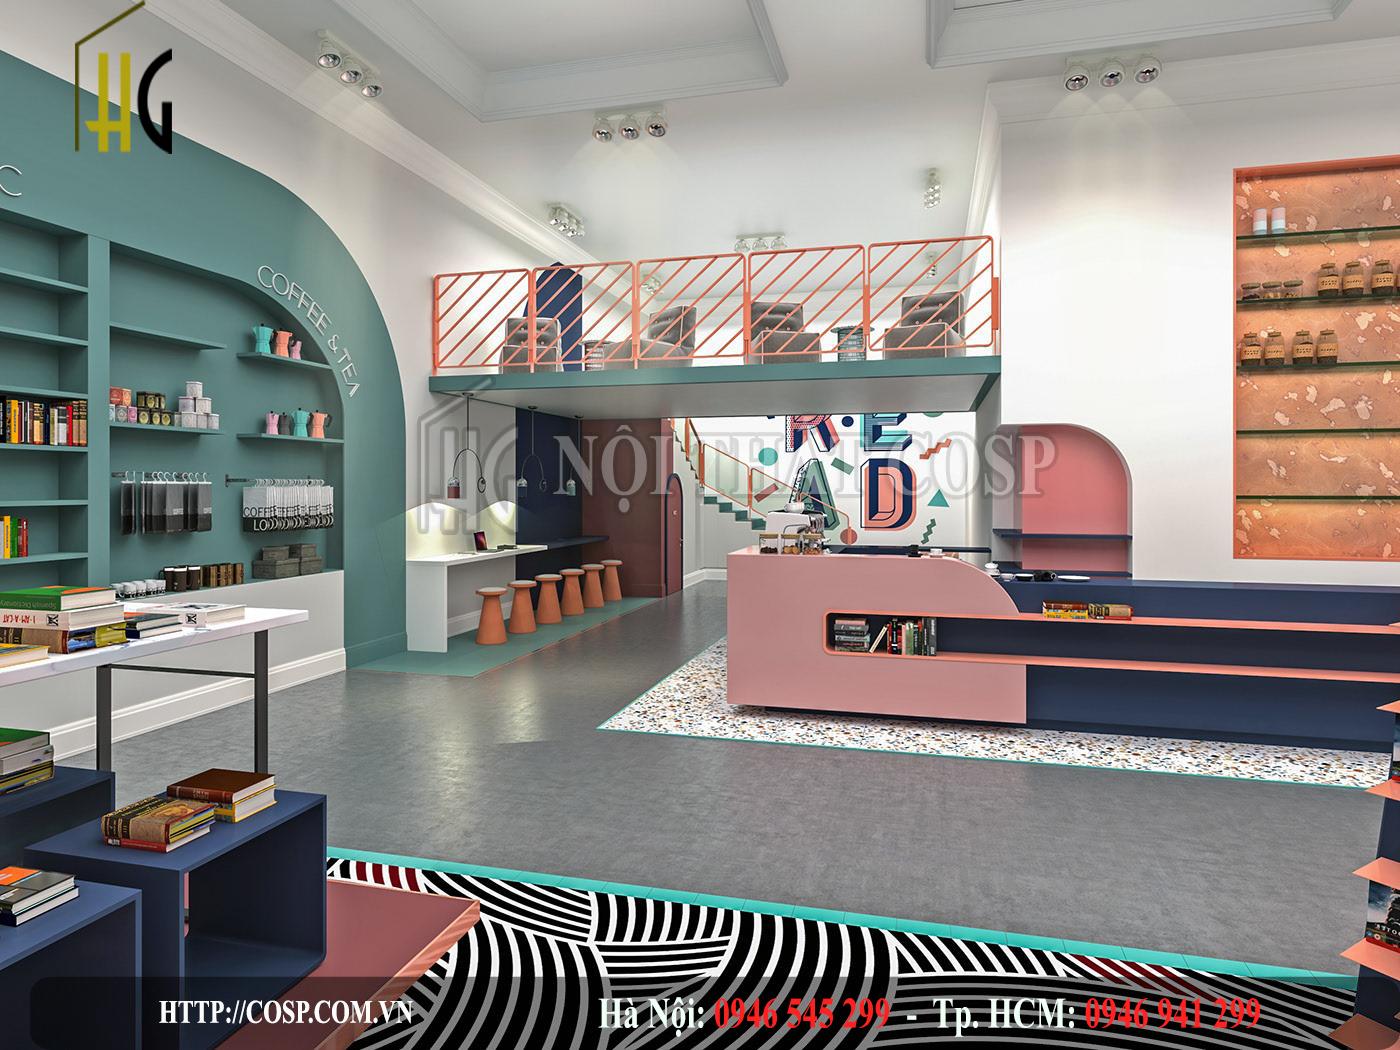 Nhà sách, cửa hàng văn phòng phẩm thu hút với thiết kế shop ấn tượng